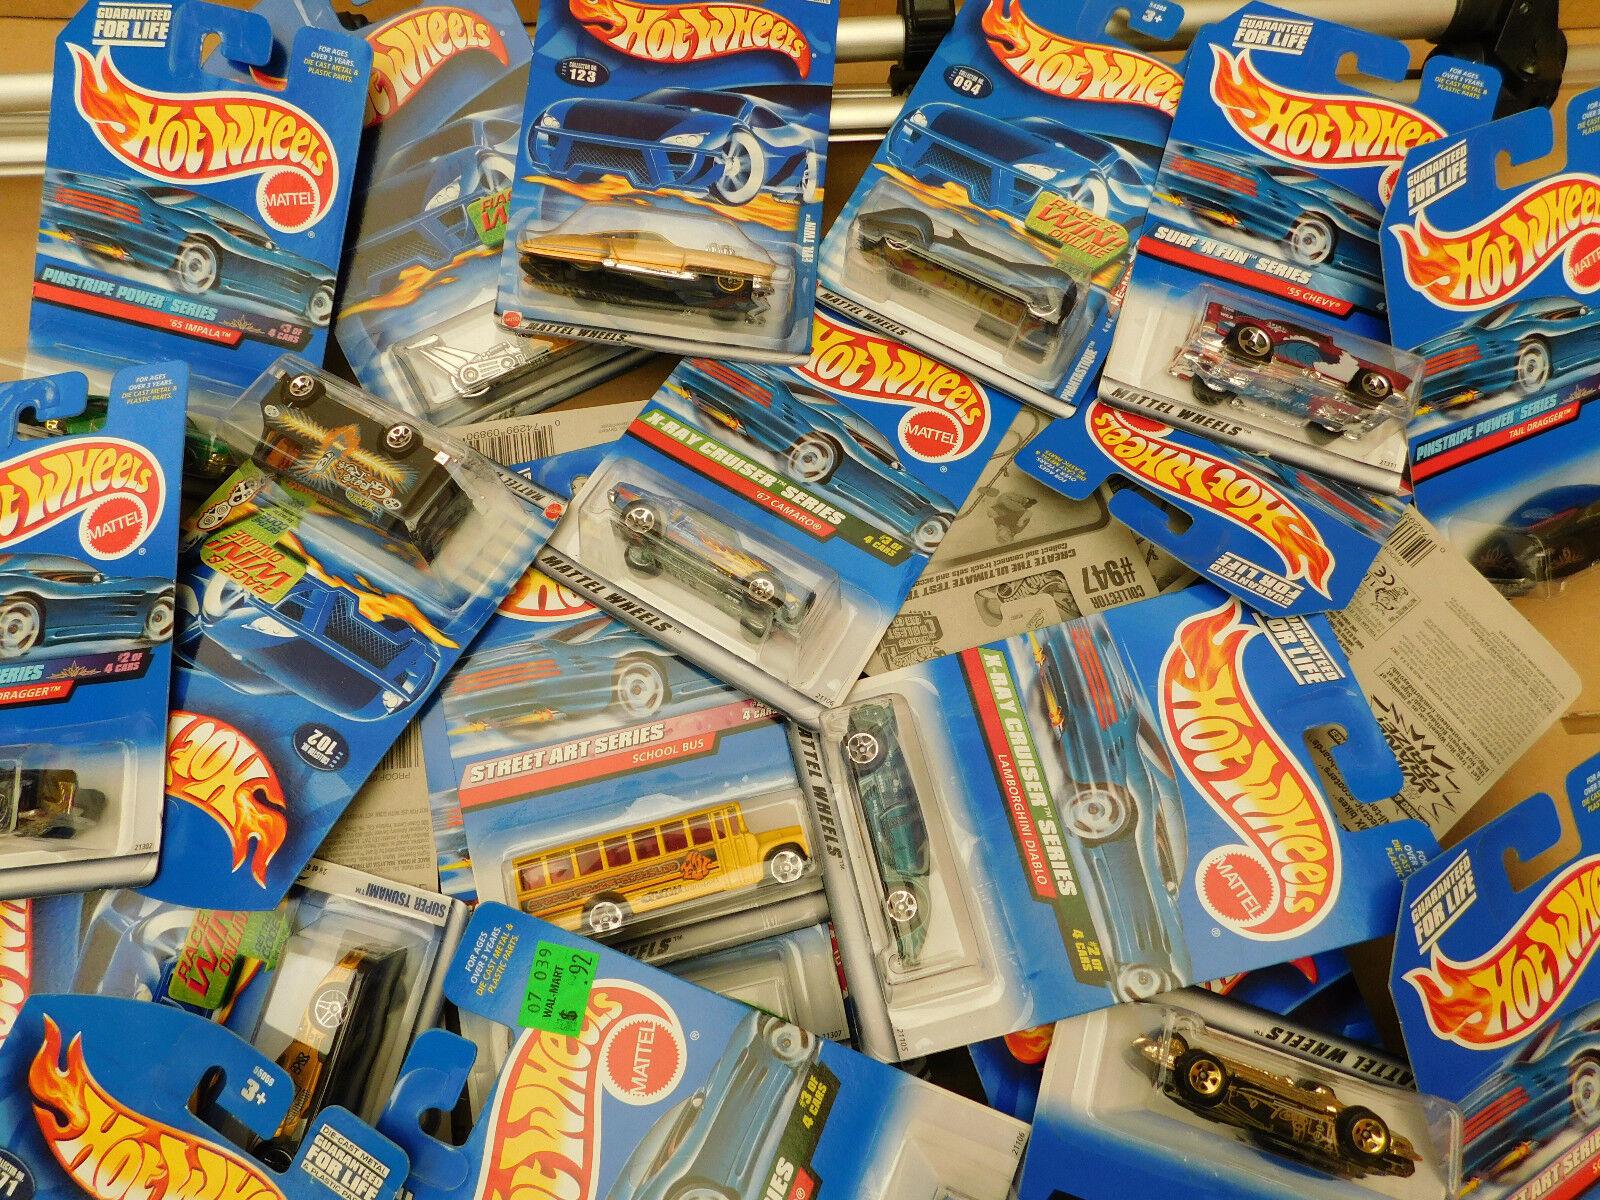 Hot Wheels 1 64 - USA Ware - Long Card - 5er 10er 20er 30er 40er 50er 100er Sets  | Outlet Store Online